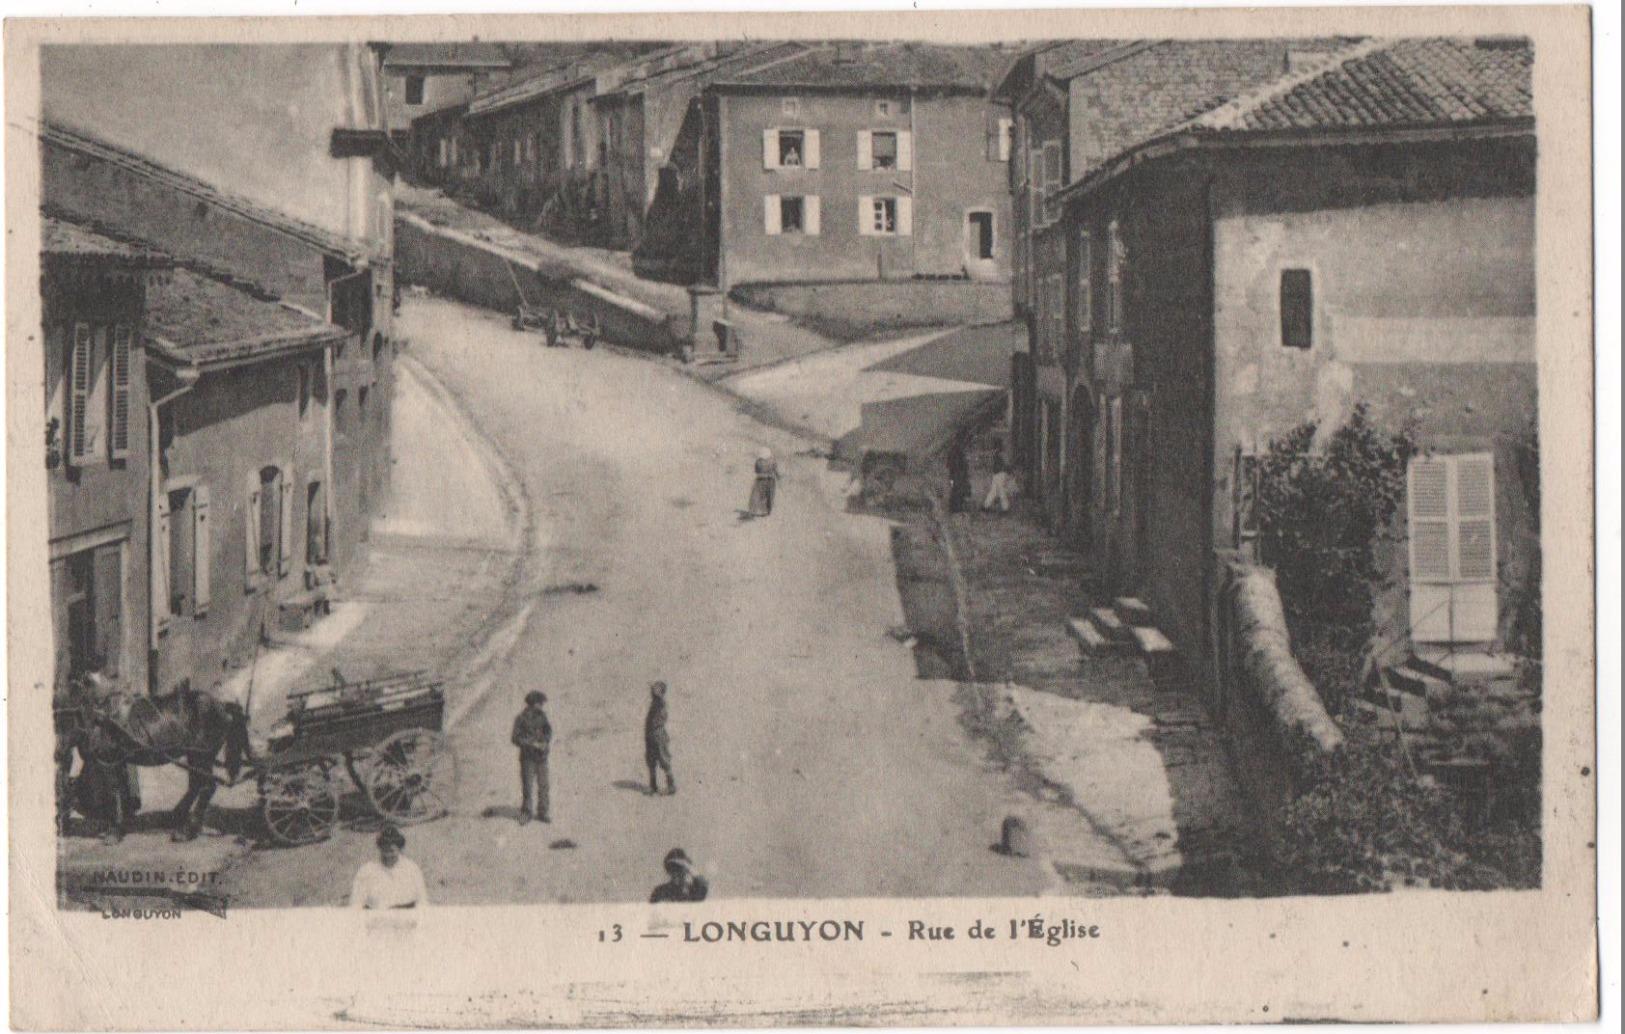 Lot De 27 Cartes Postales Anciennes De Meurthe Et Moselle (54) - Cartes Postales